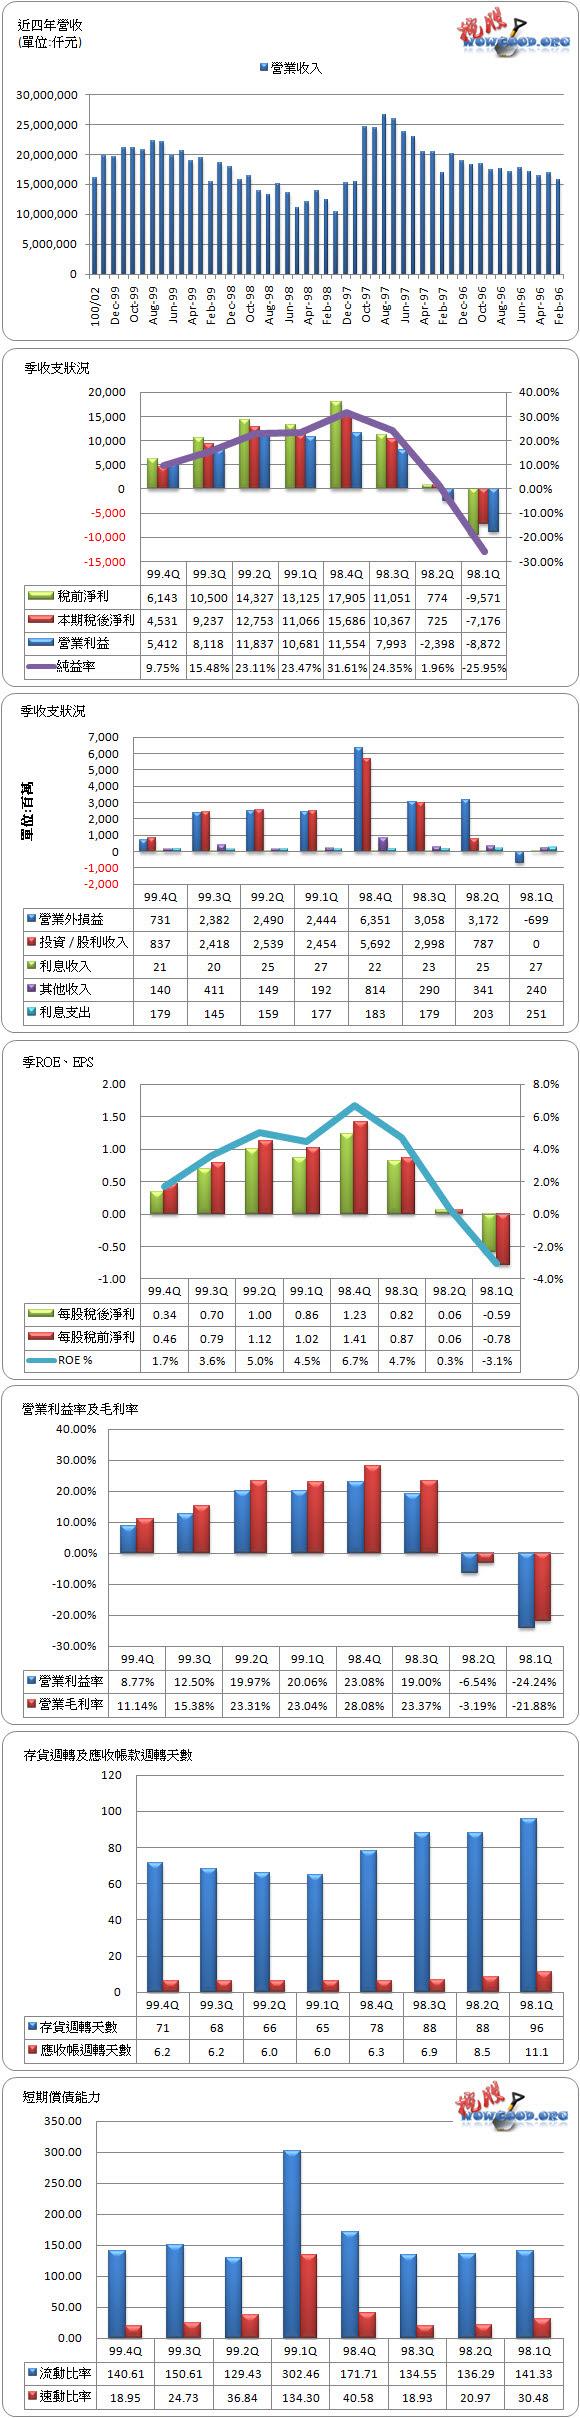 財務報告簡析(99.4Q) - 2002 中鋼   挖股誌